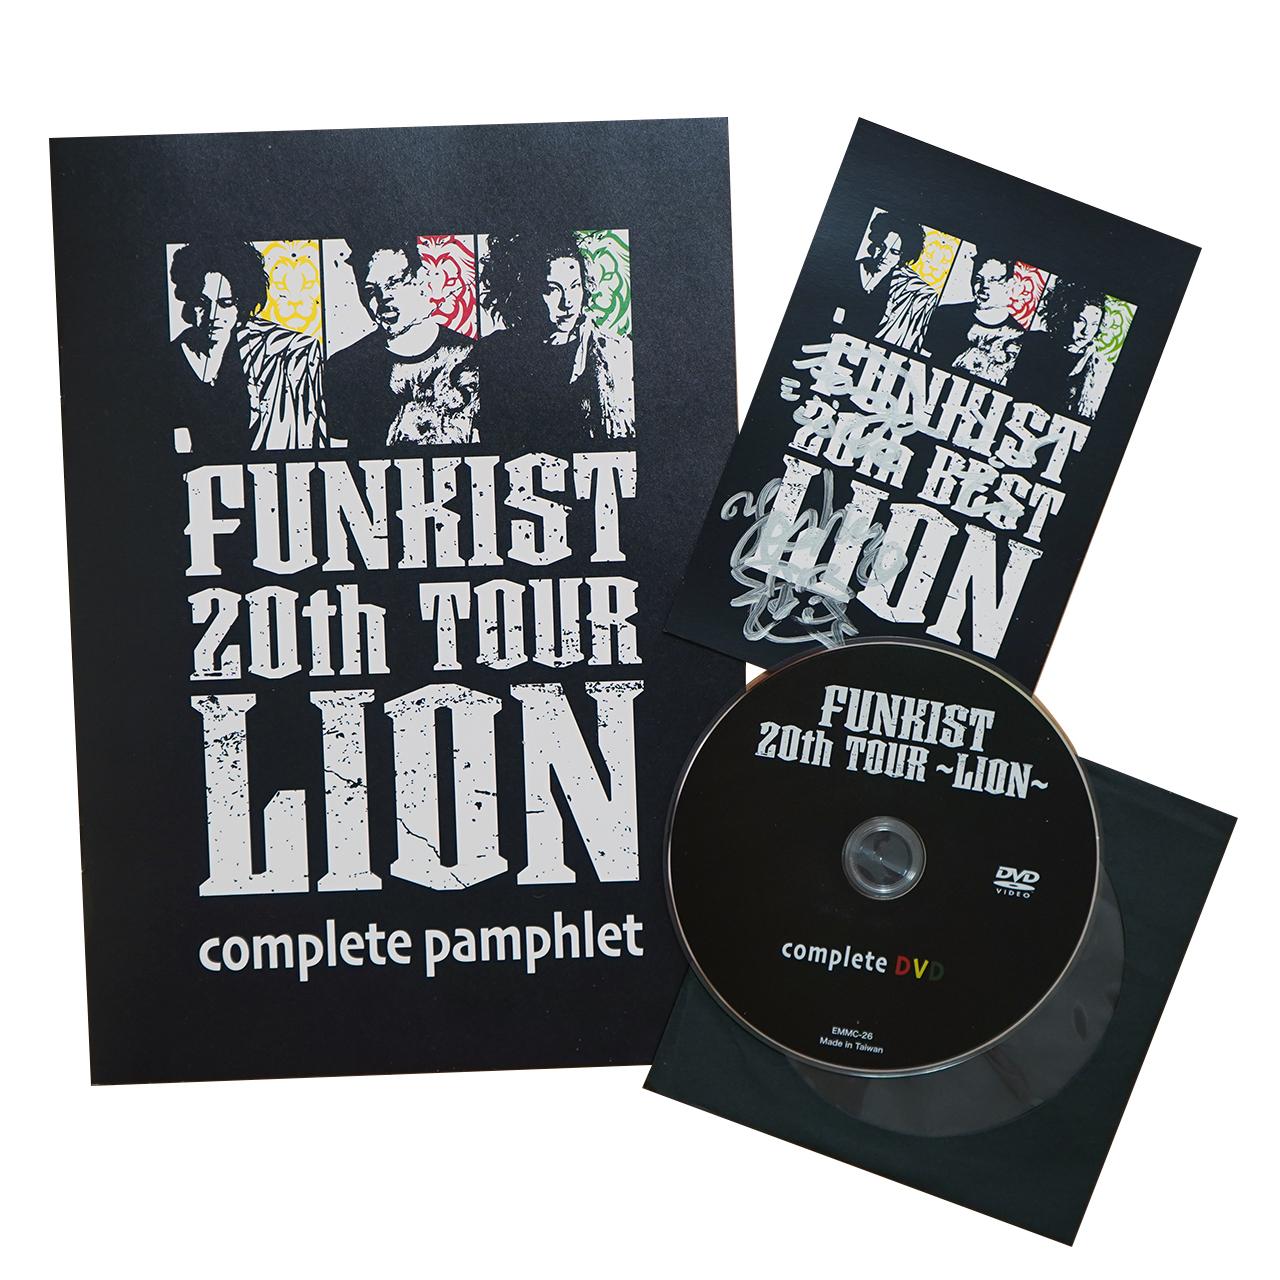 【ツアーパンフ&DVD】※サイン入りポストカード付き※FUNKIST 20th TOUR -LION- コンプリートパンフレット&DVD